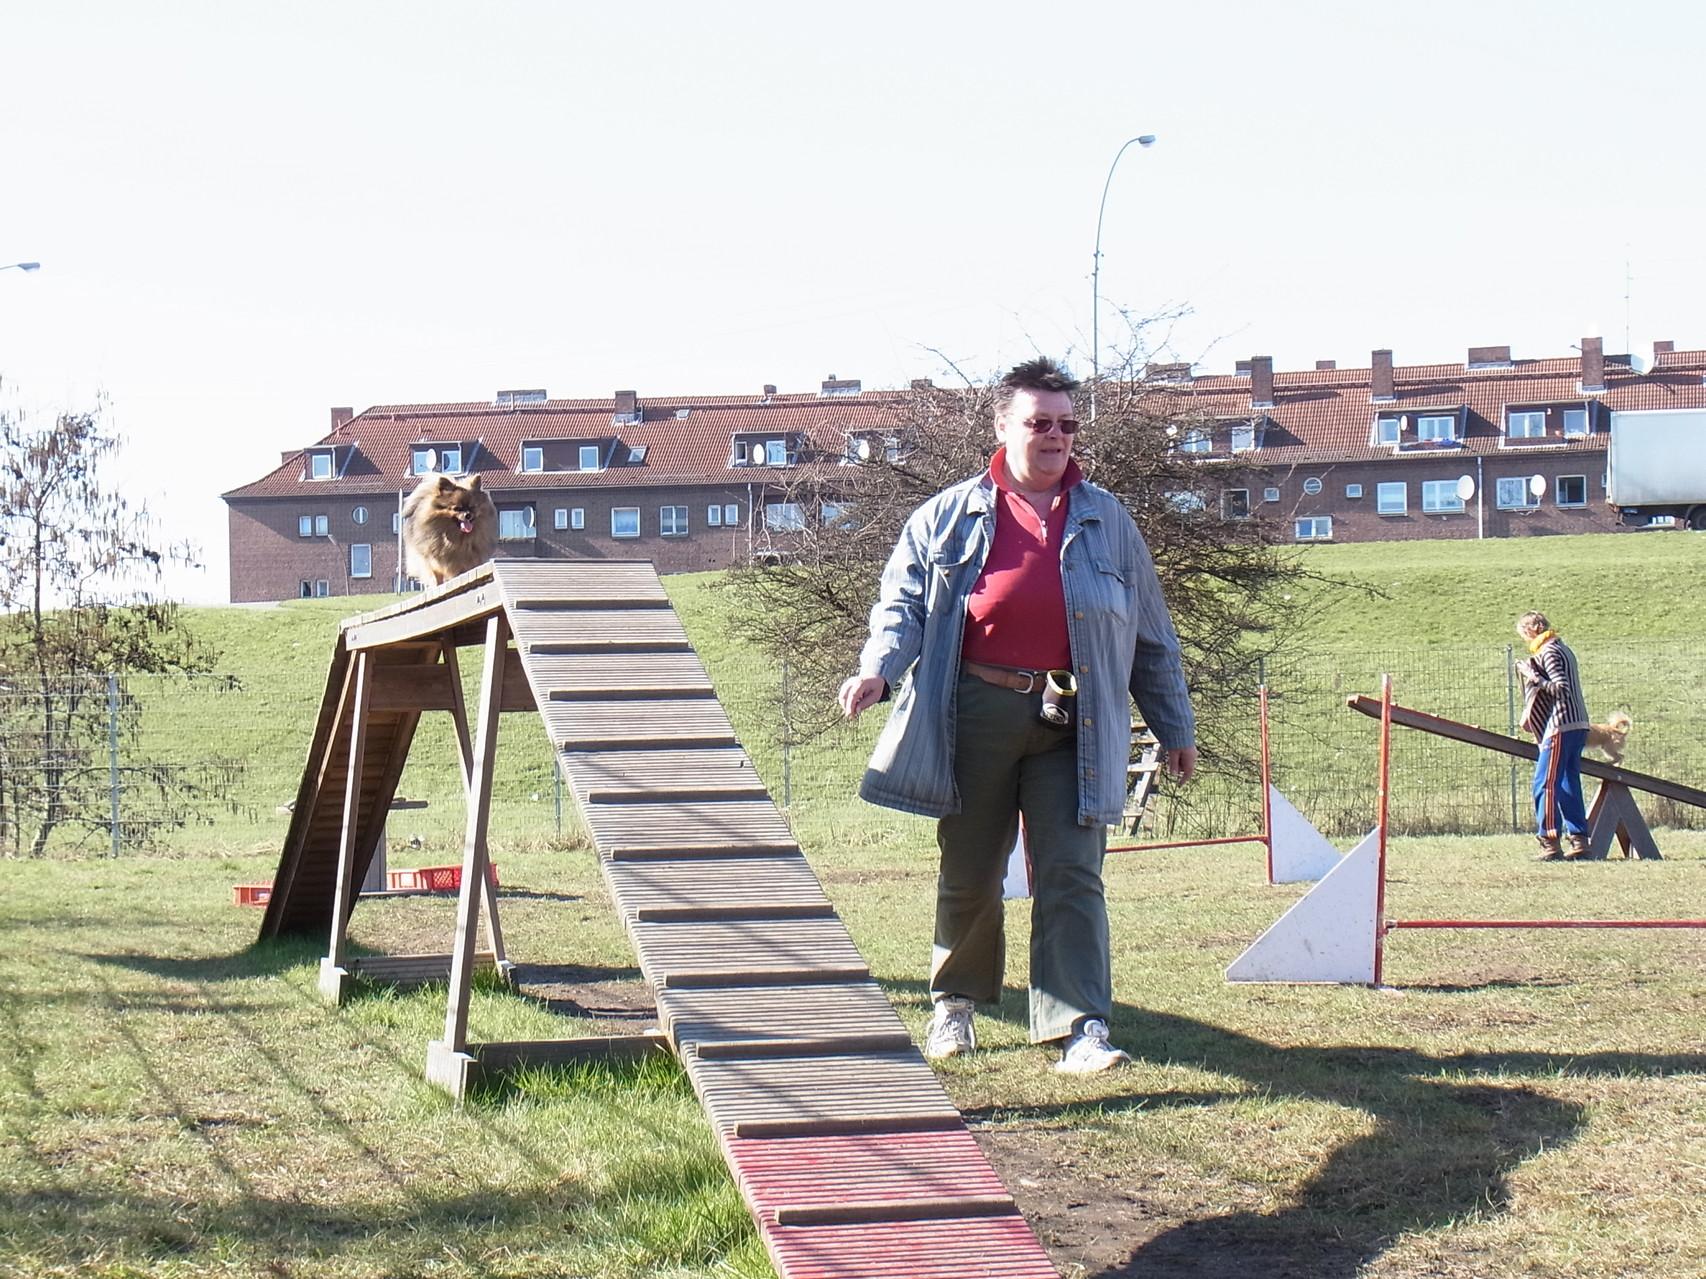 hier laufe ich auf dem Steg ...